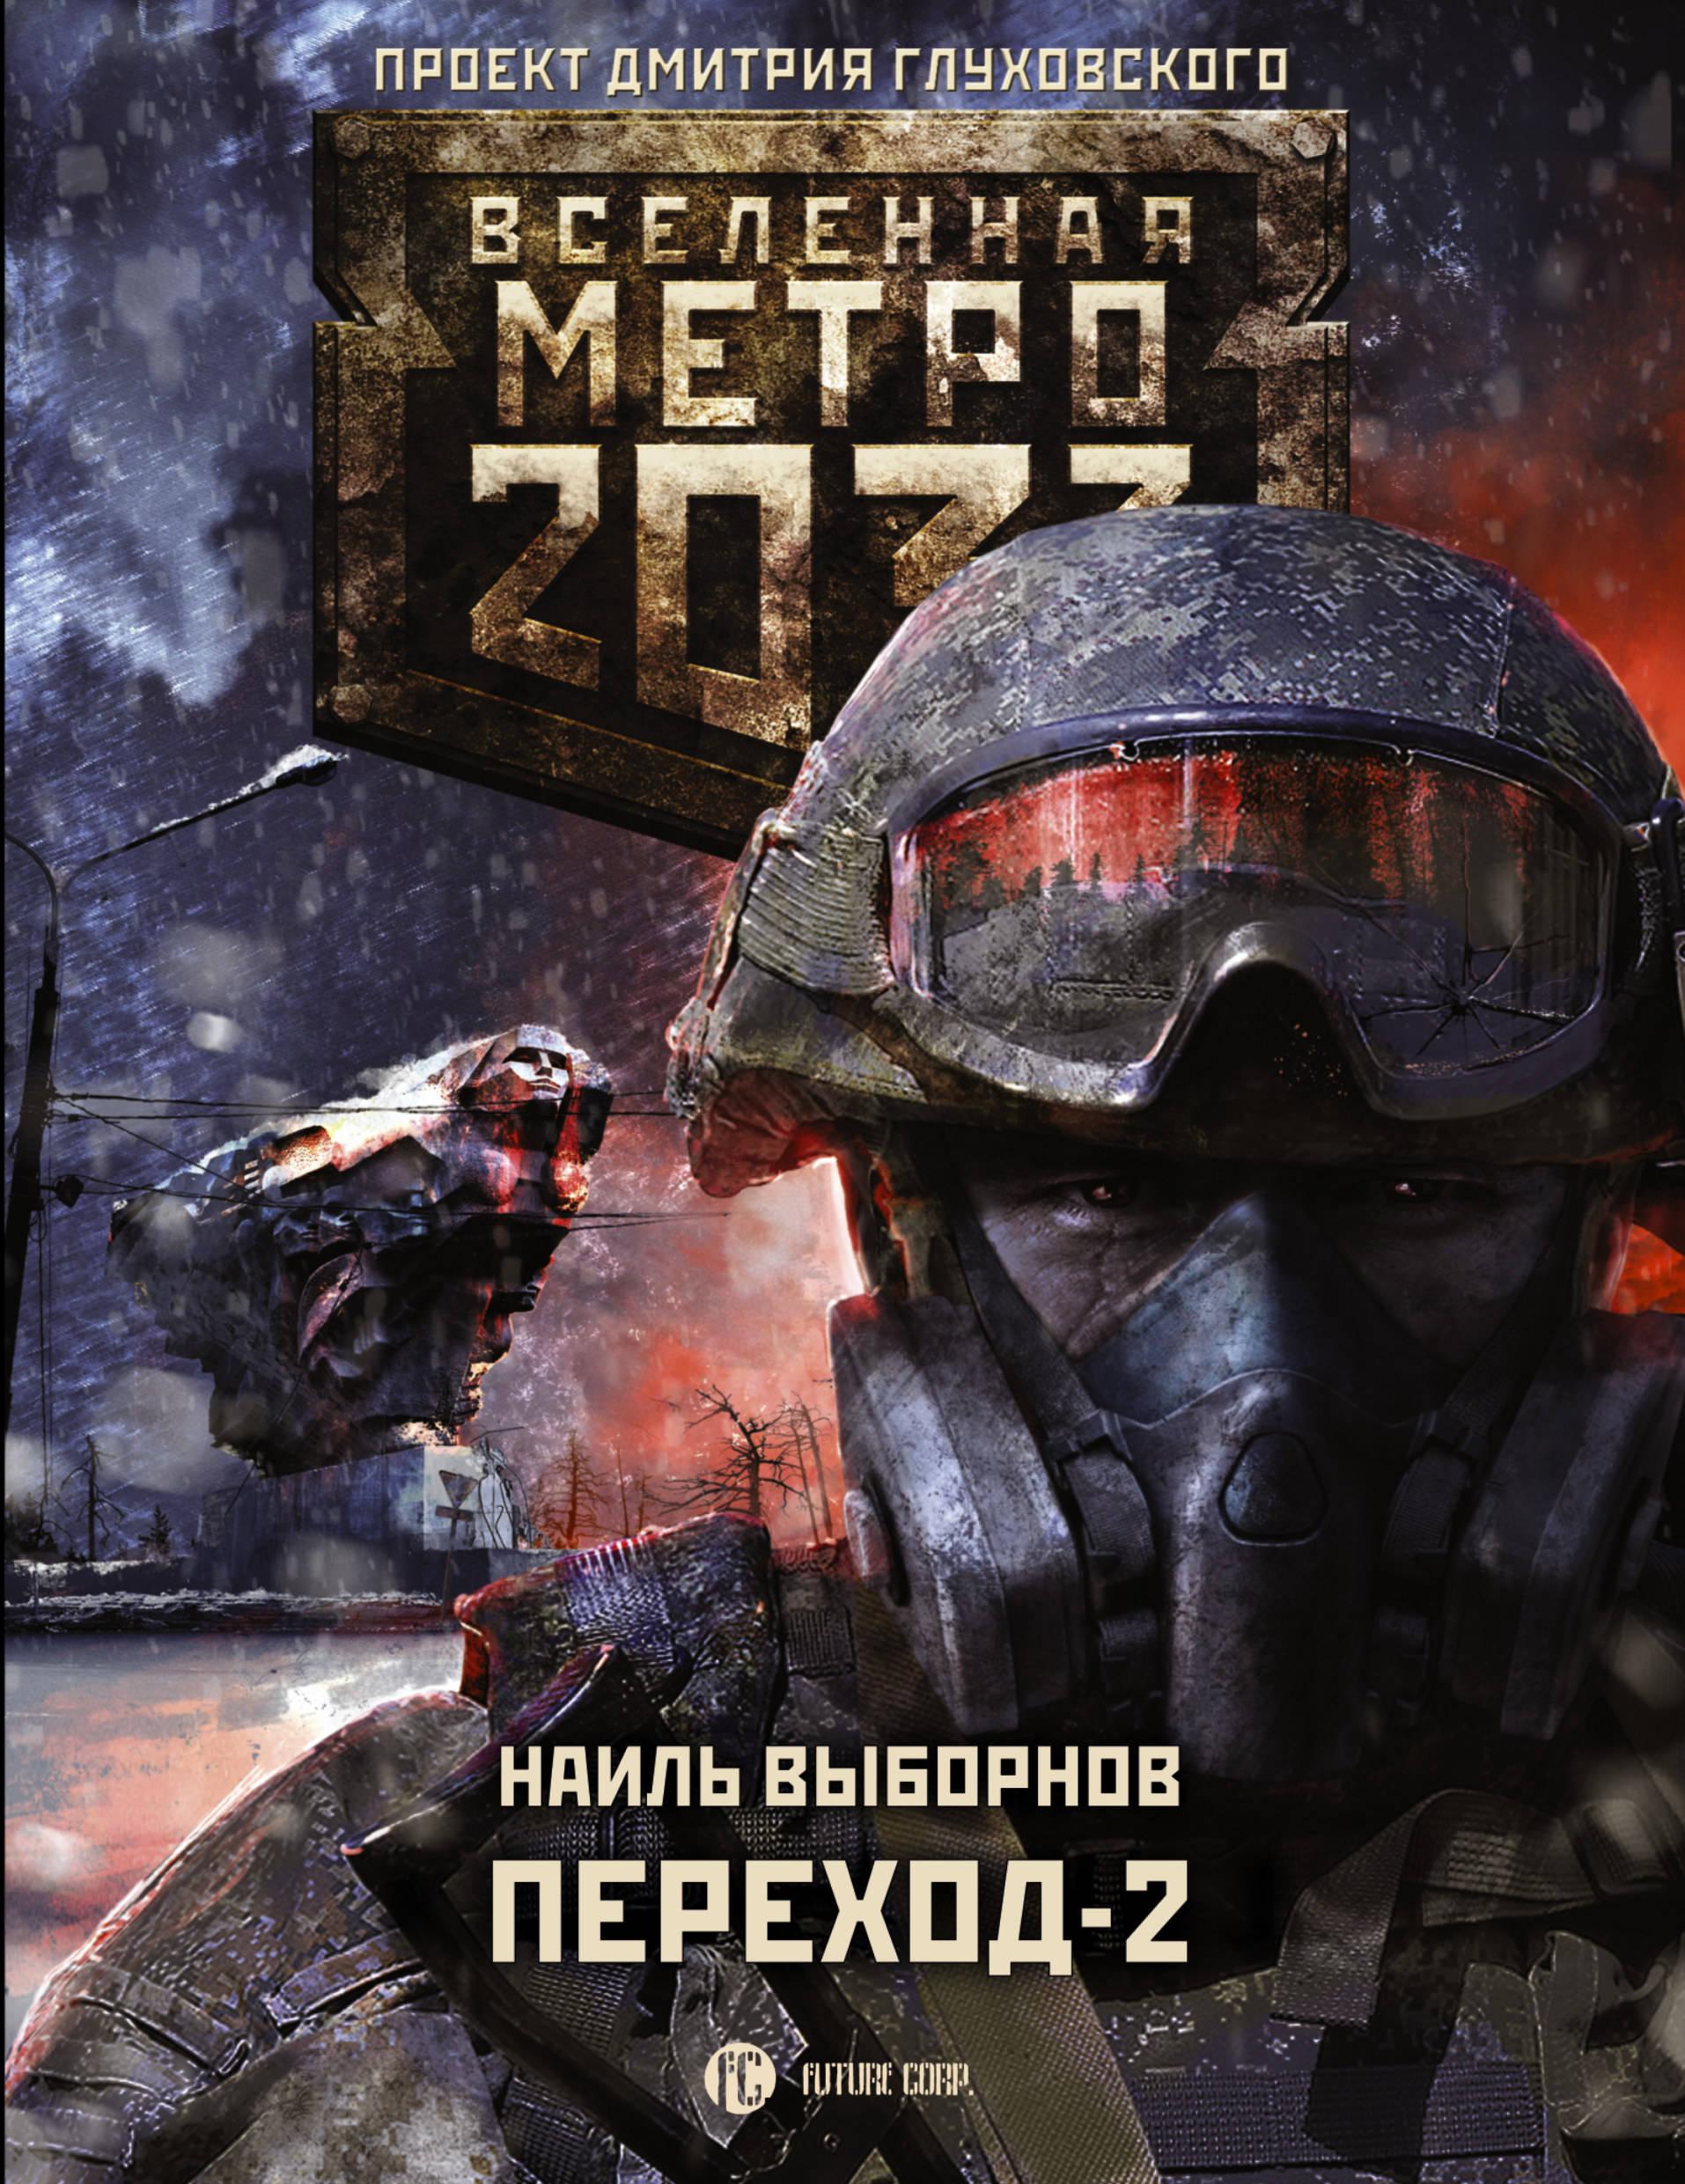 Метро 2033: Переход-2. На другой стороне - Наиль Выборнов